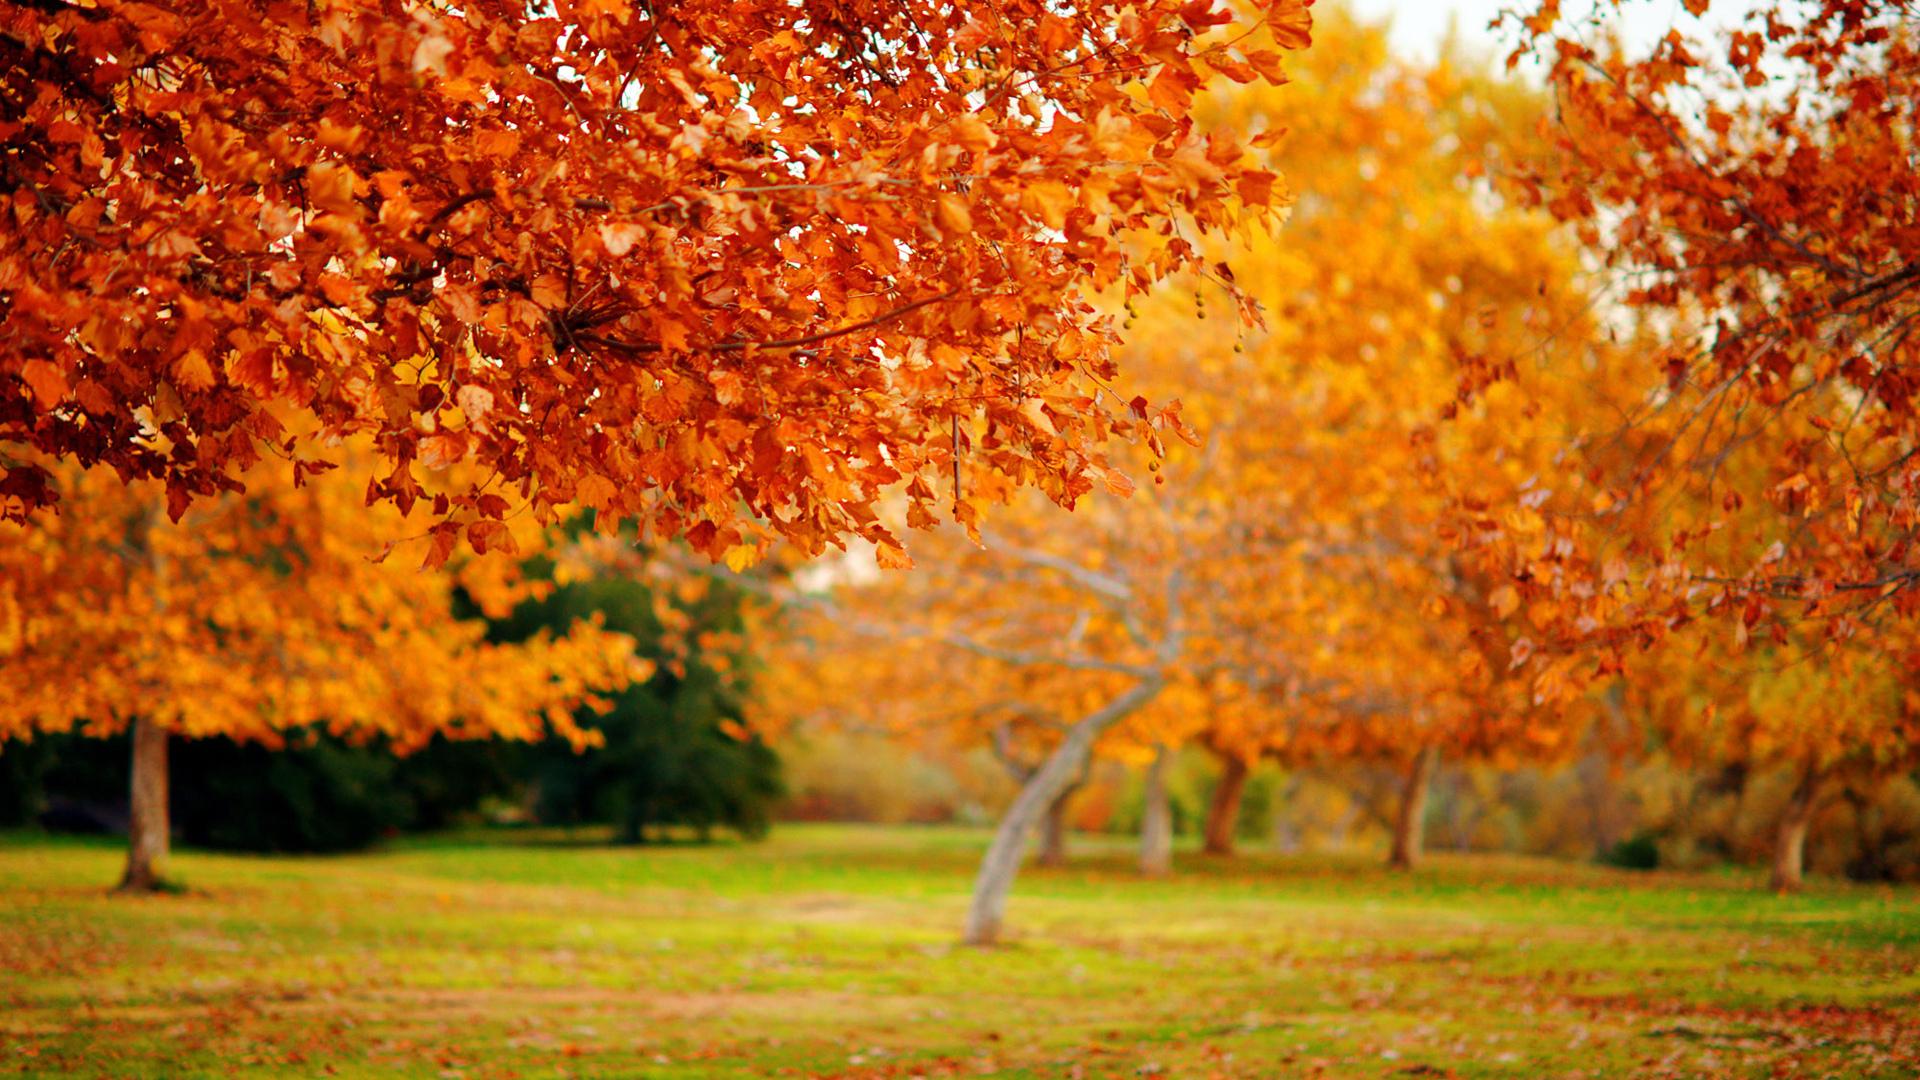 24461 скачать обои Пейзаж, Деревья, Осень, Листья - заставки и картинки бесплатно